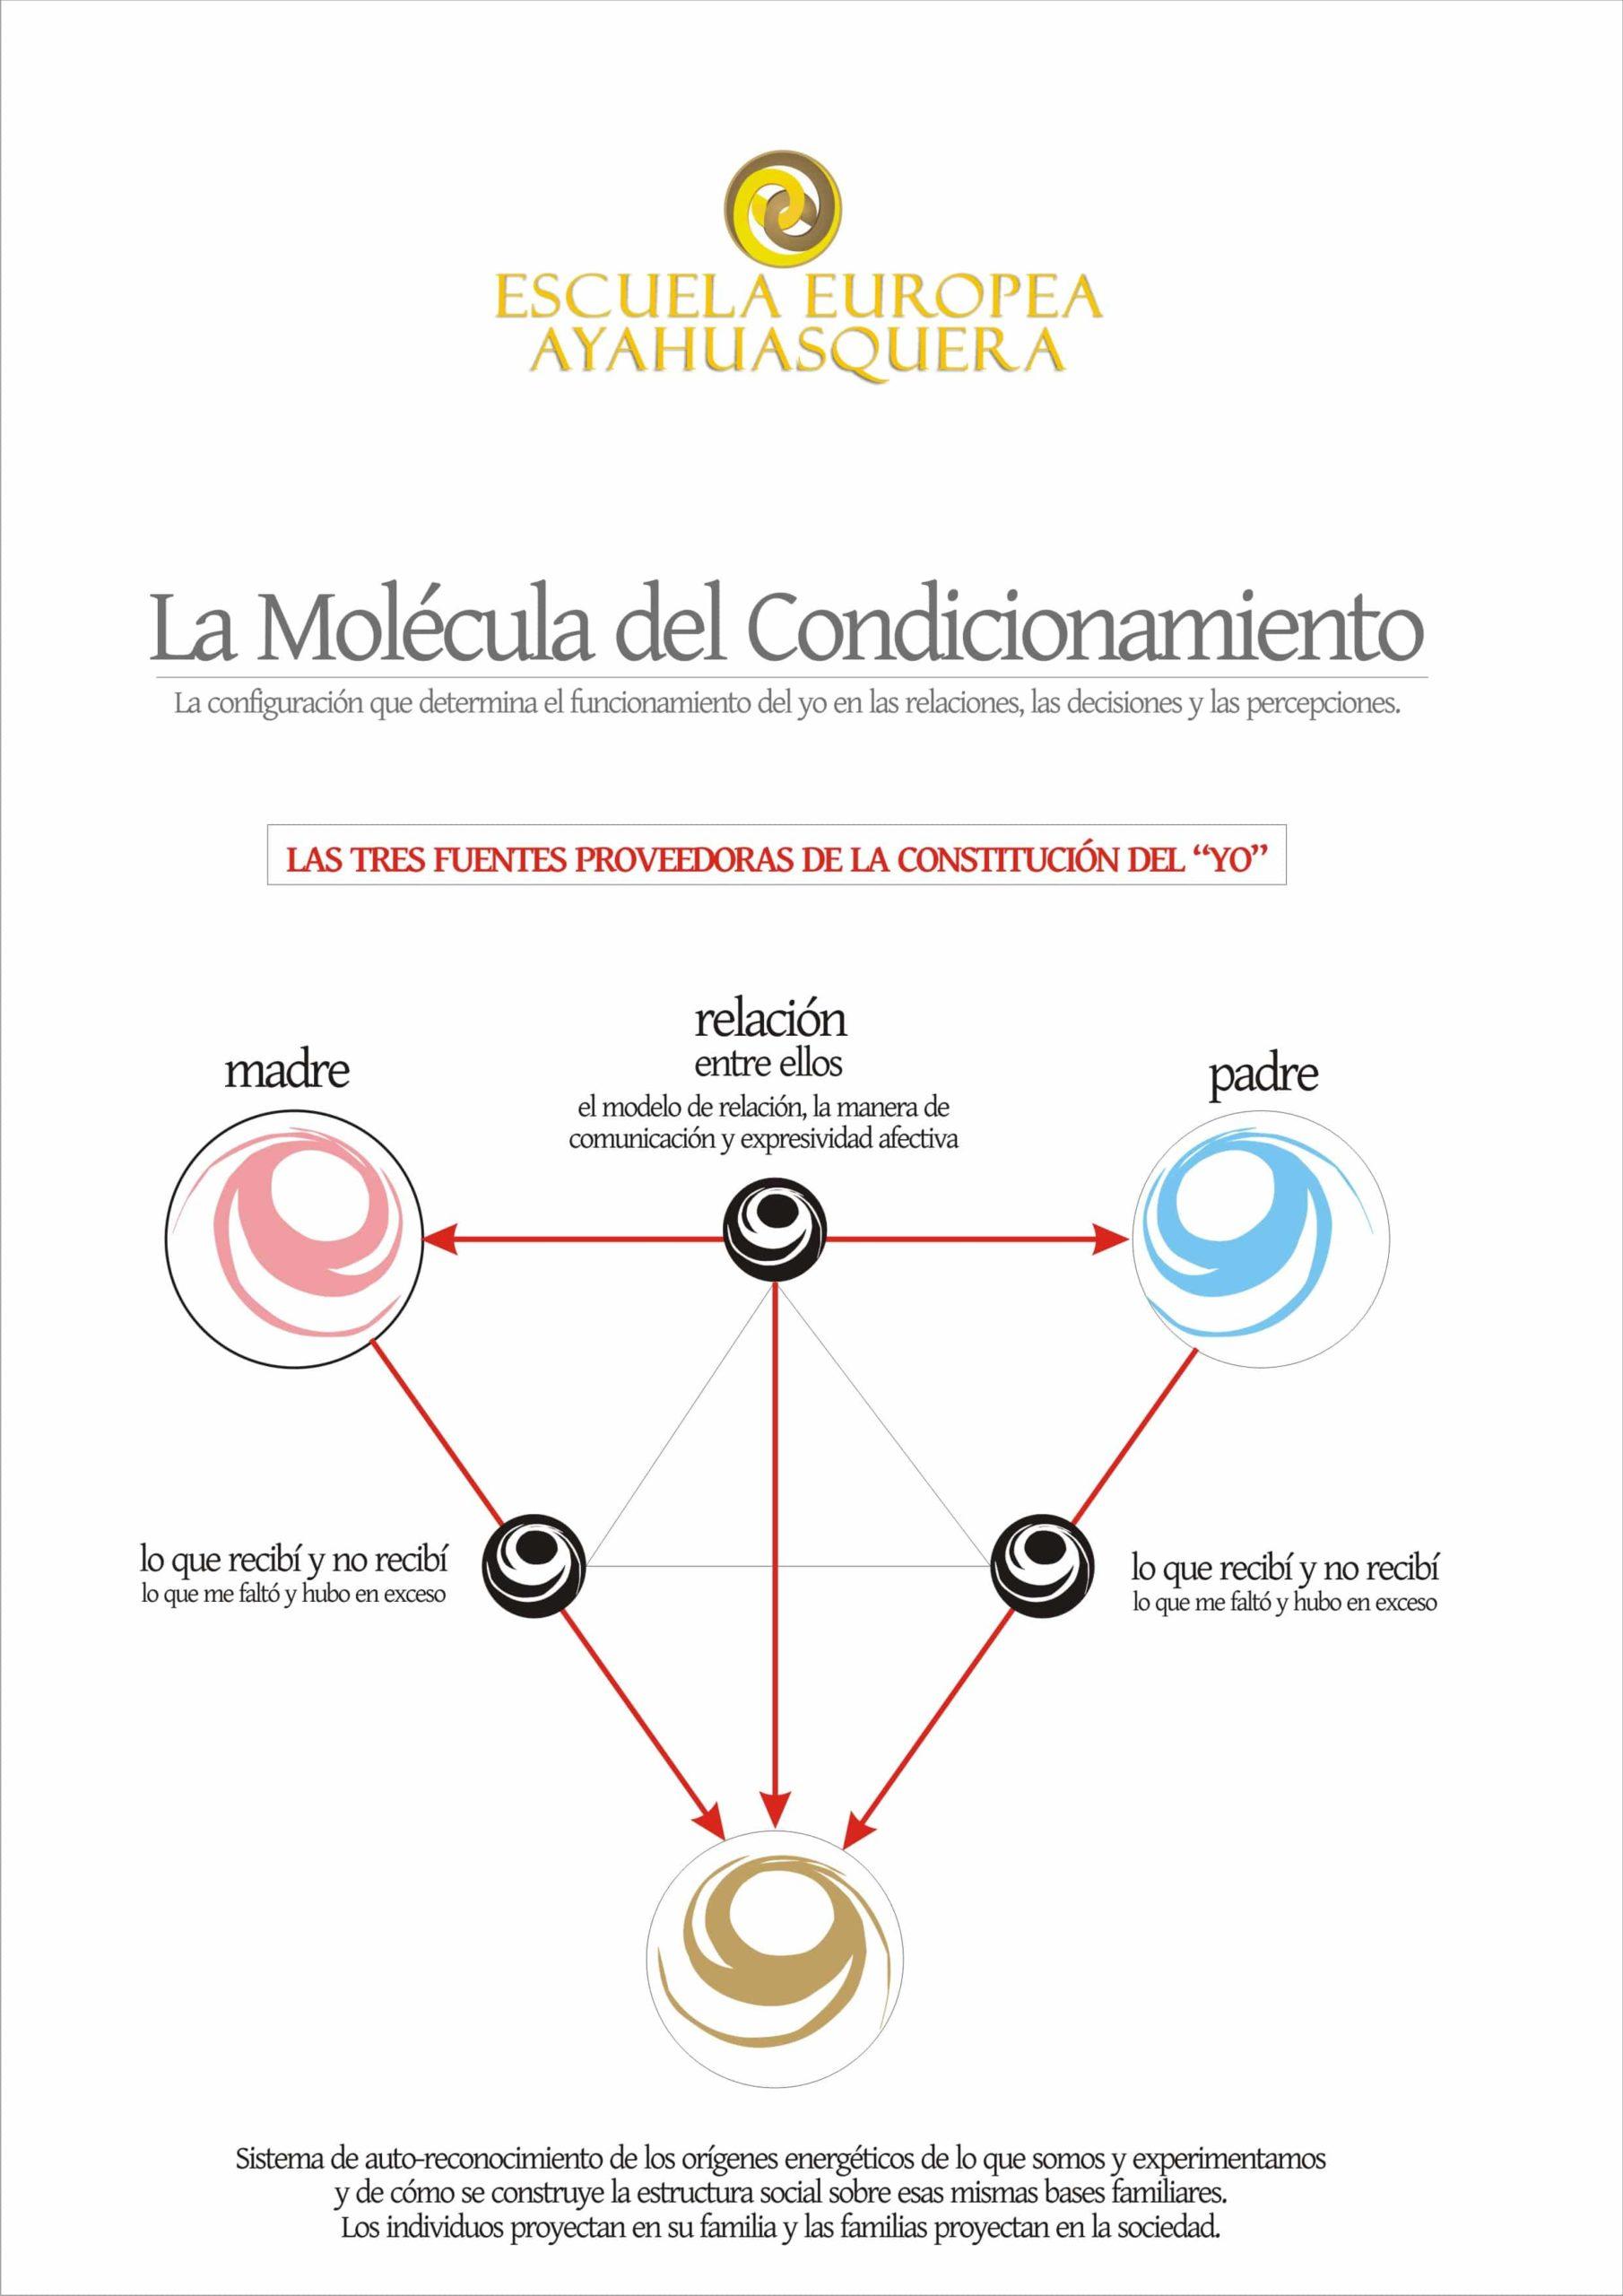 molecula-de-condicionamiento-1-ok